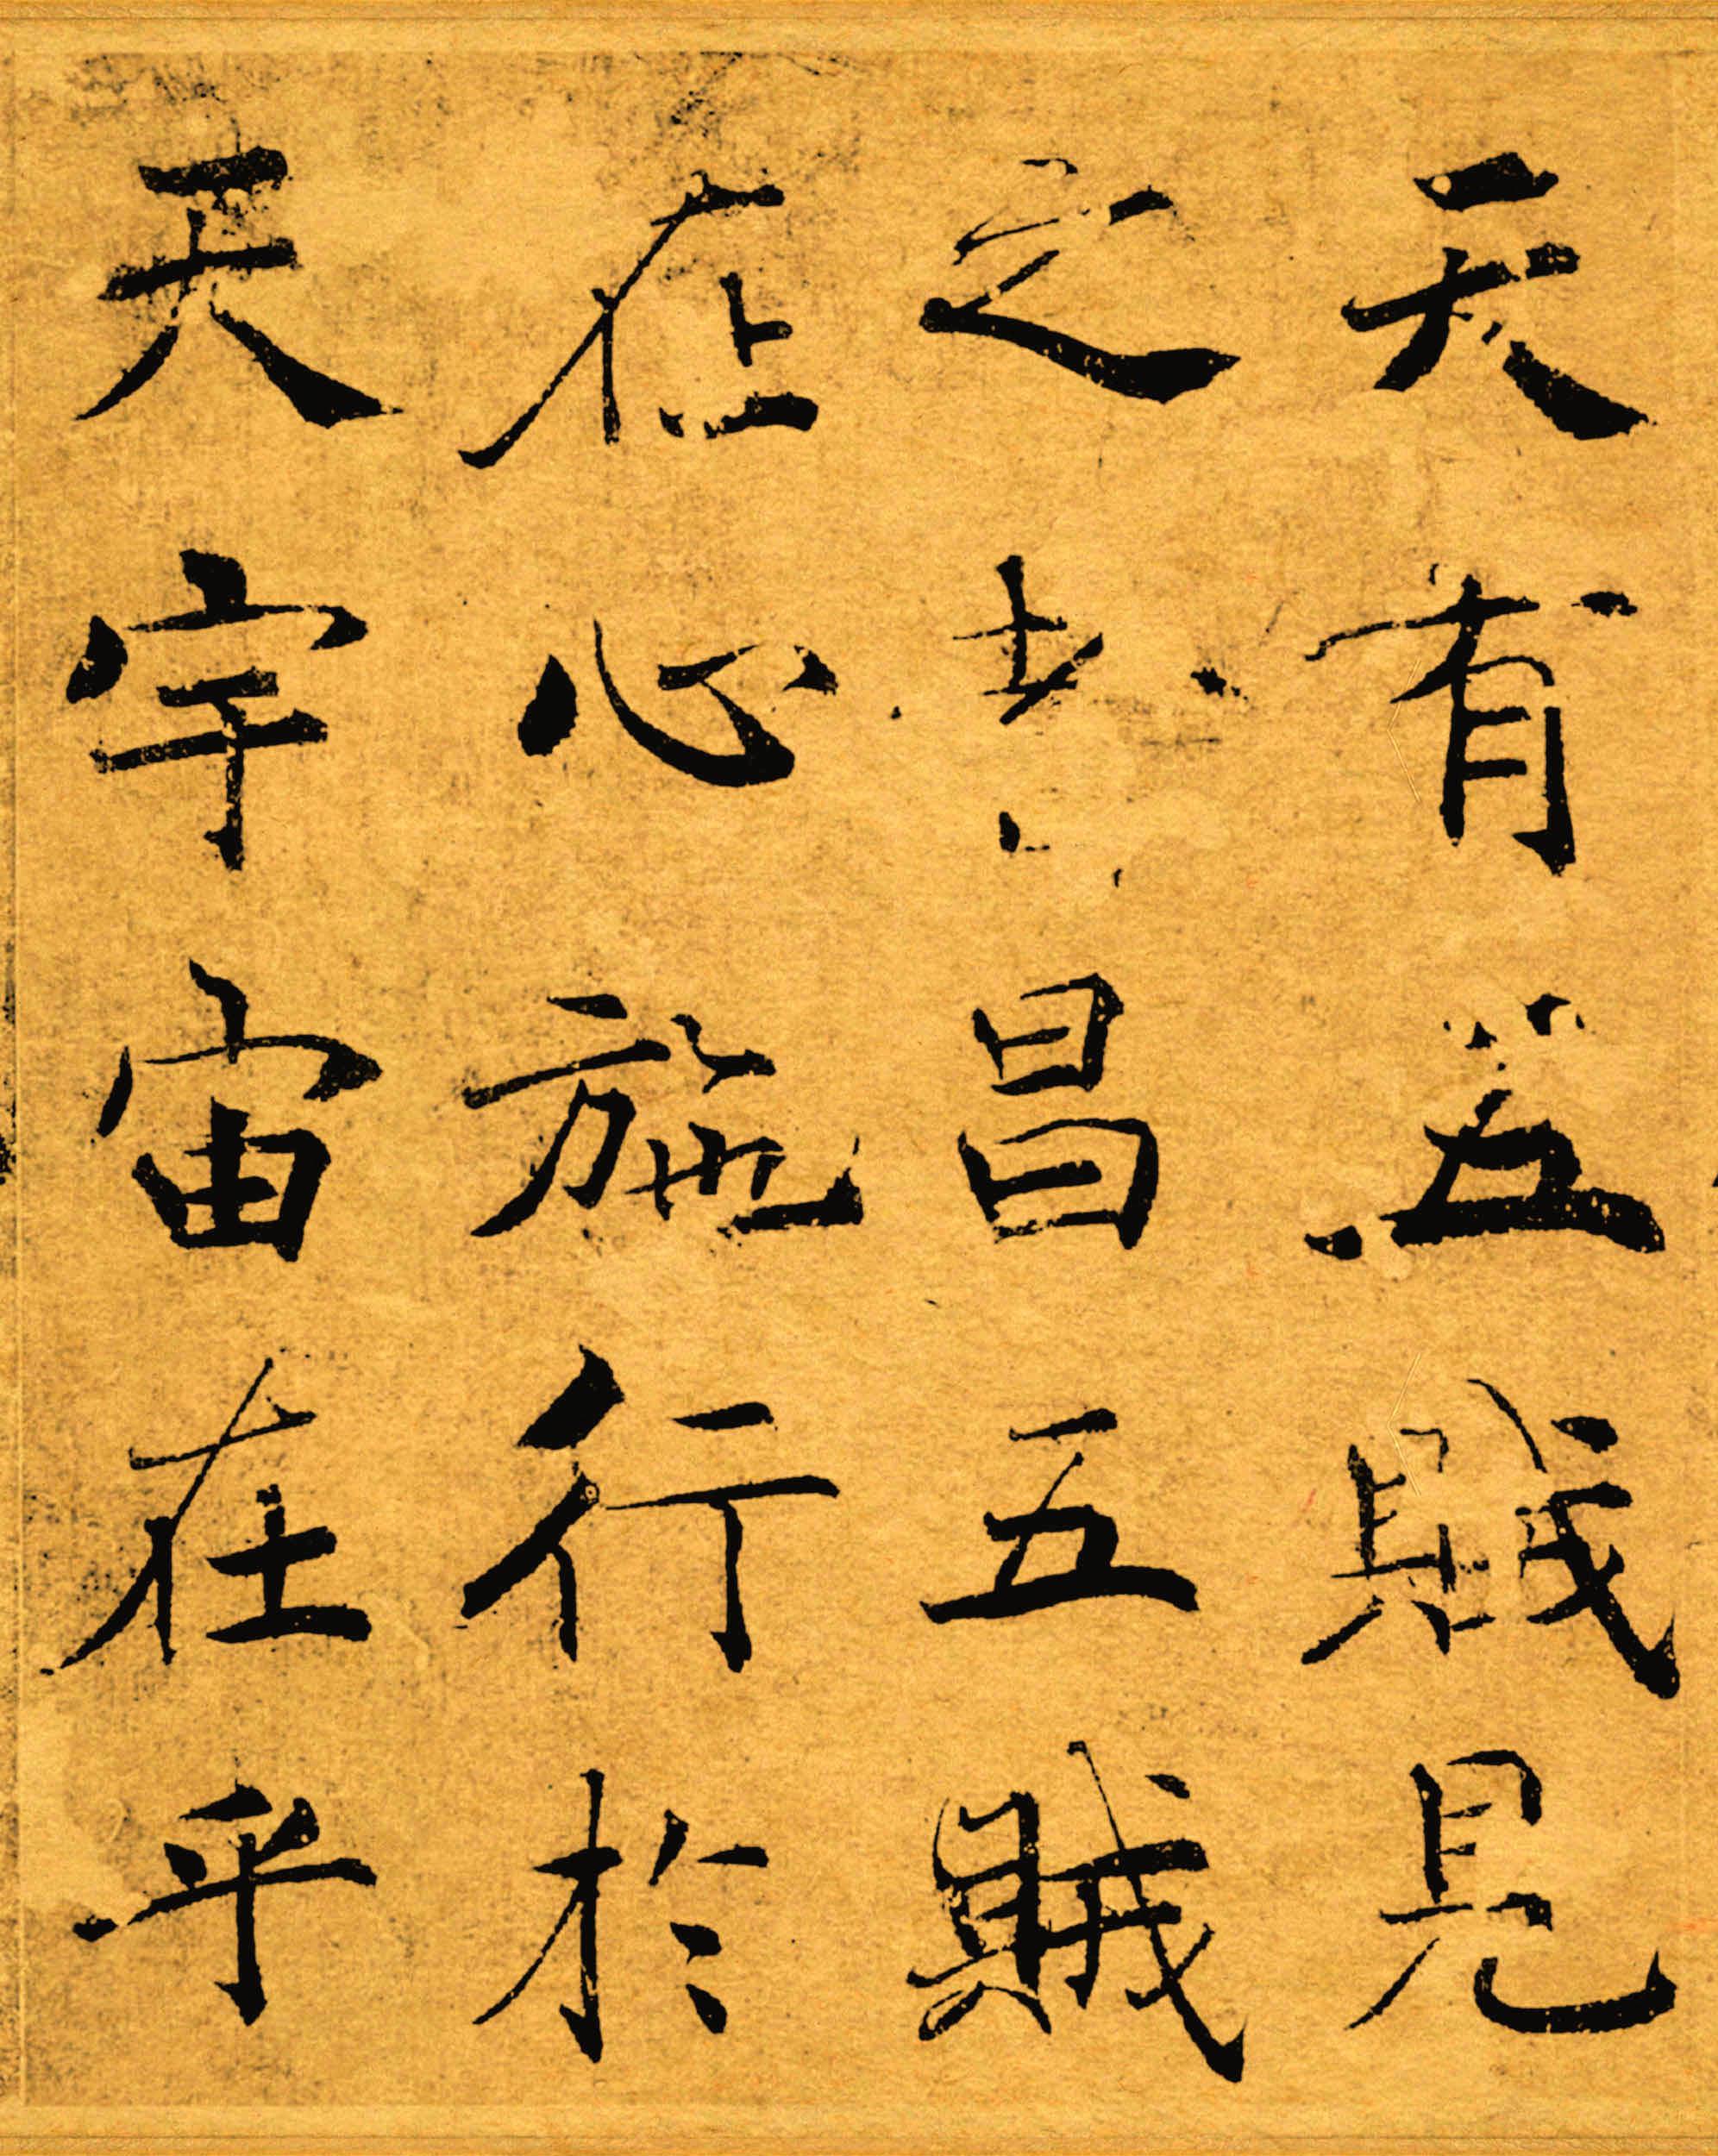 褚遂良 阴符经 的3种高清 原色版 二玄社墨迹版 小字阴符经